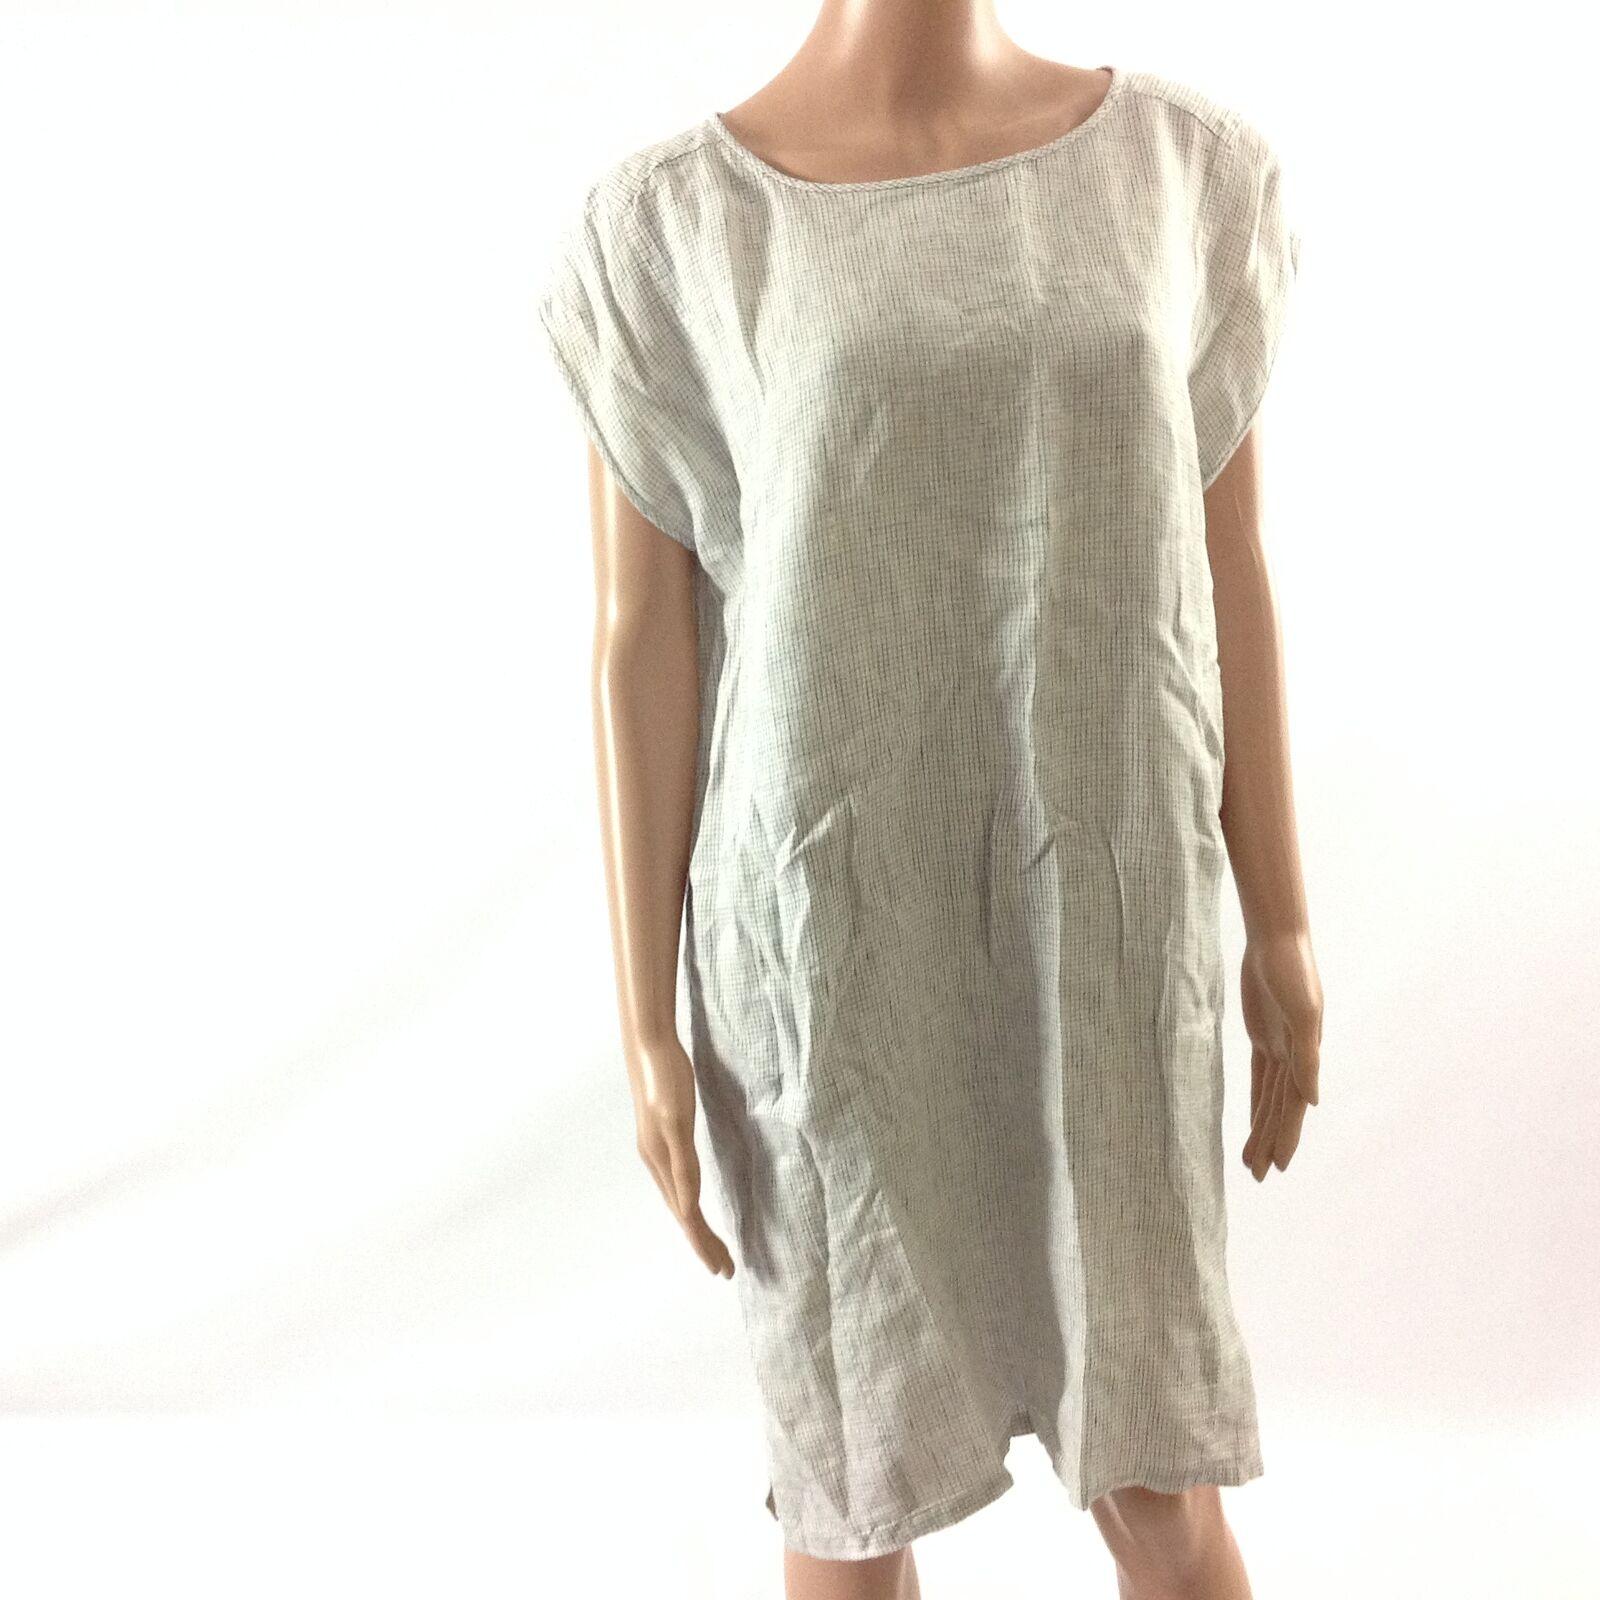 Eileen Fisher F18 Womens Dress 100% Organic Linen Linen Linen Plaids Short Sleeve Size S dcbc4b